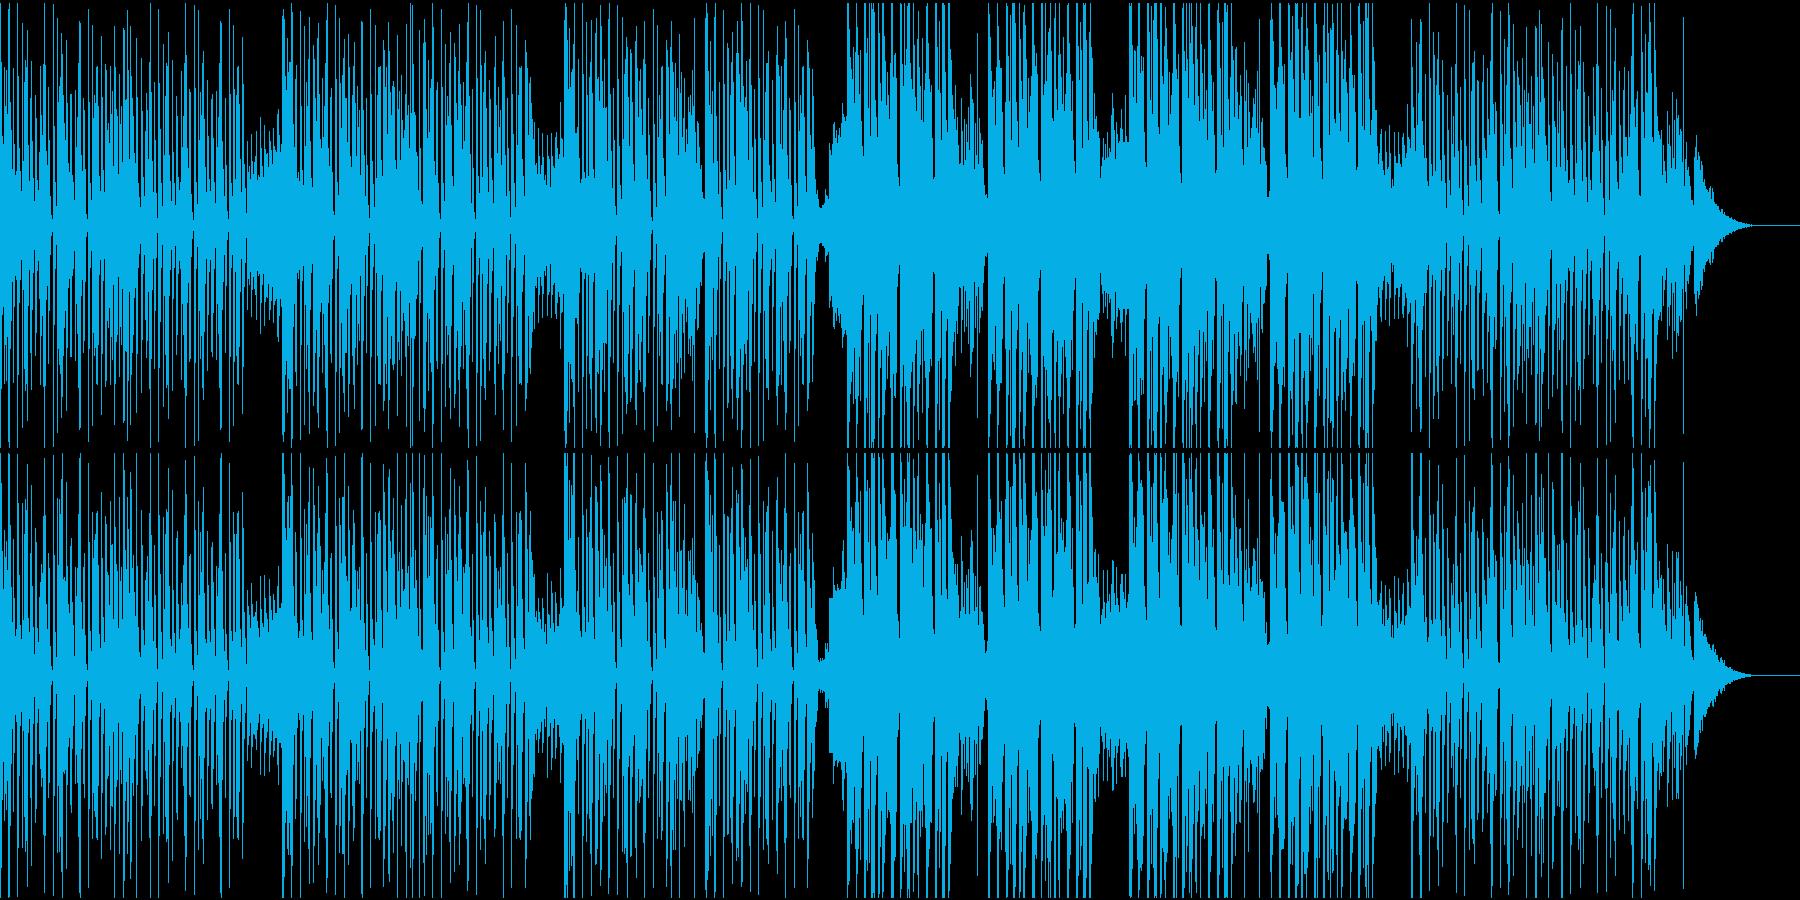 リズミカルでお洒落なダンス曲/EDMの再生済みの波形